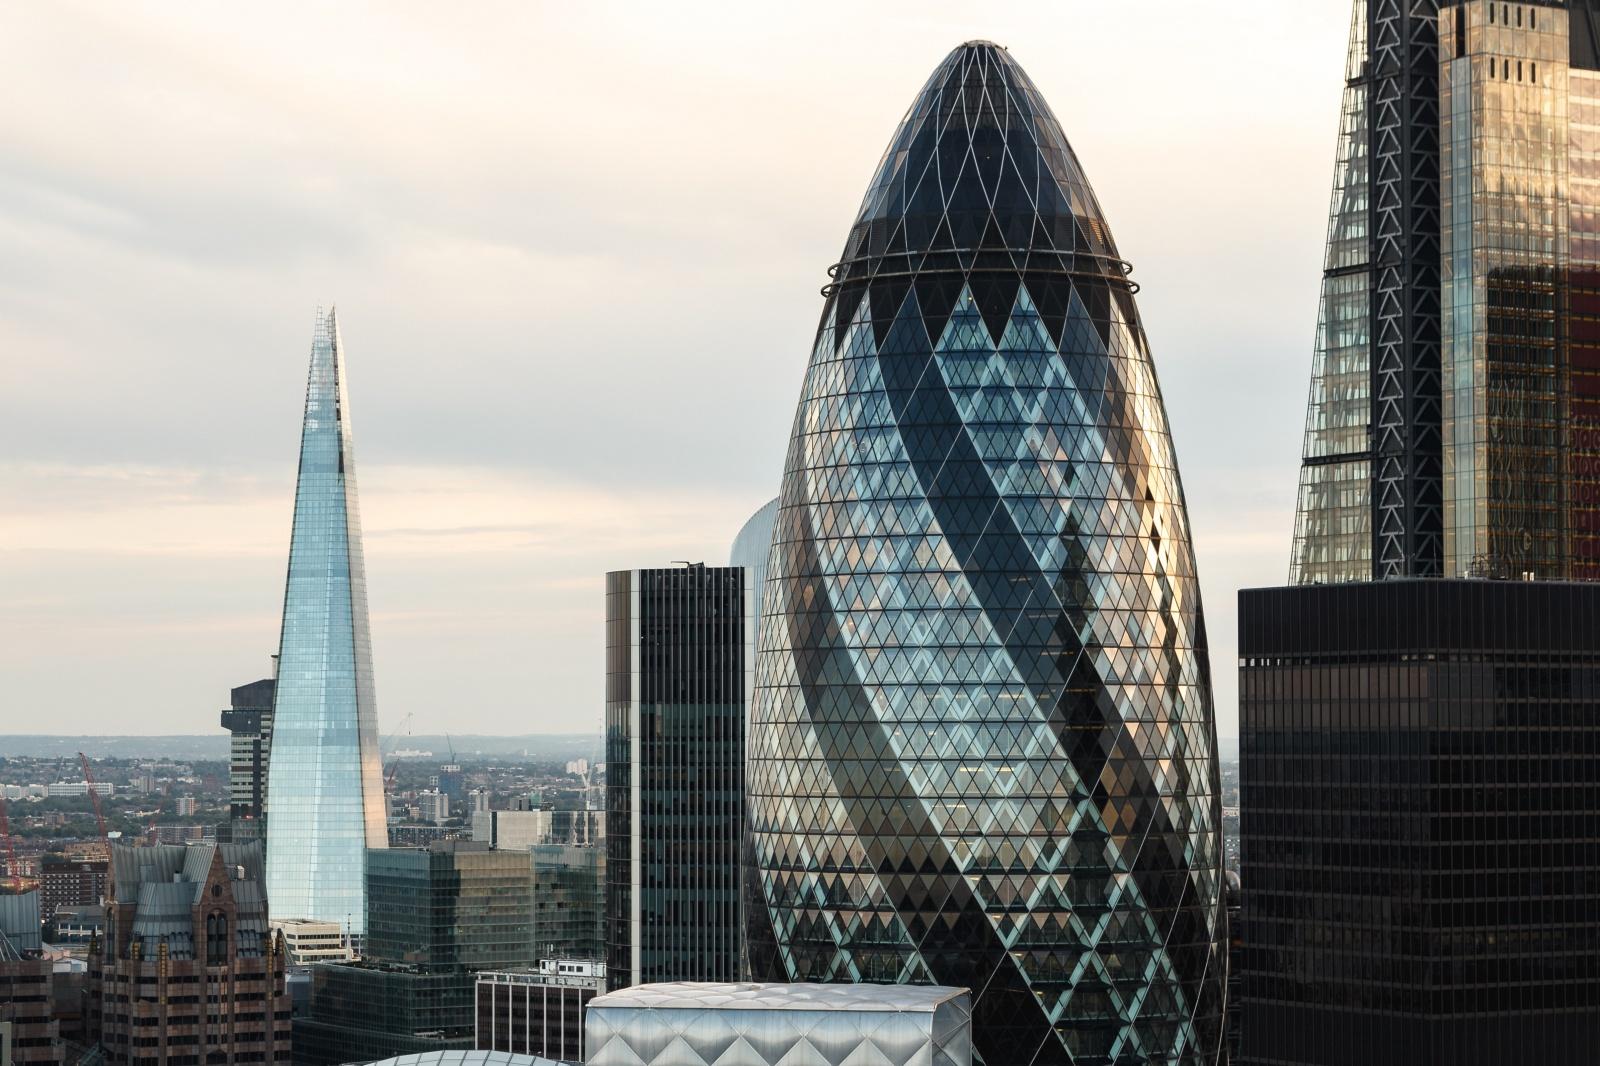 Как открыть компанию в UK, привлечь инвестиции и получить кэшбэк от государства? - 1